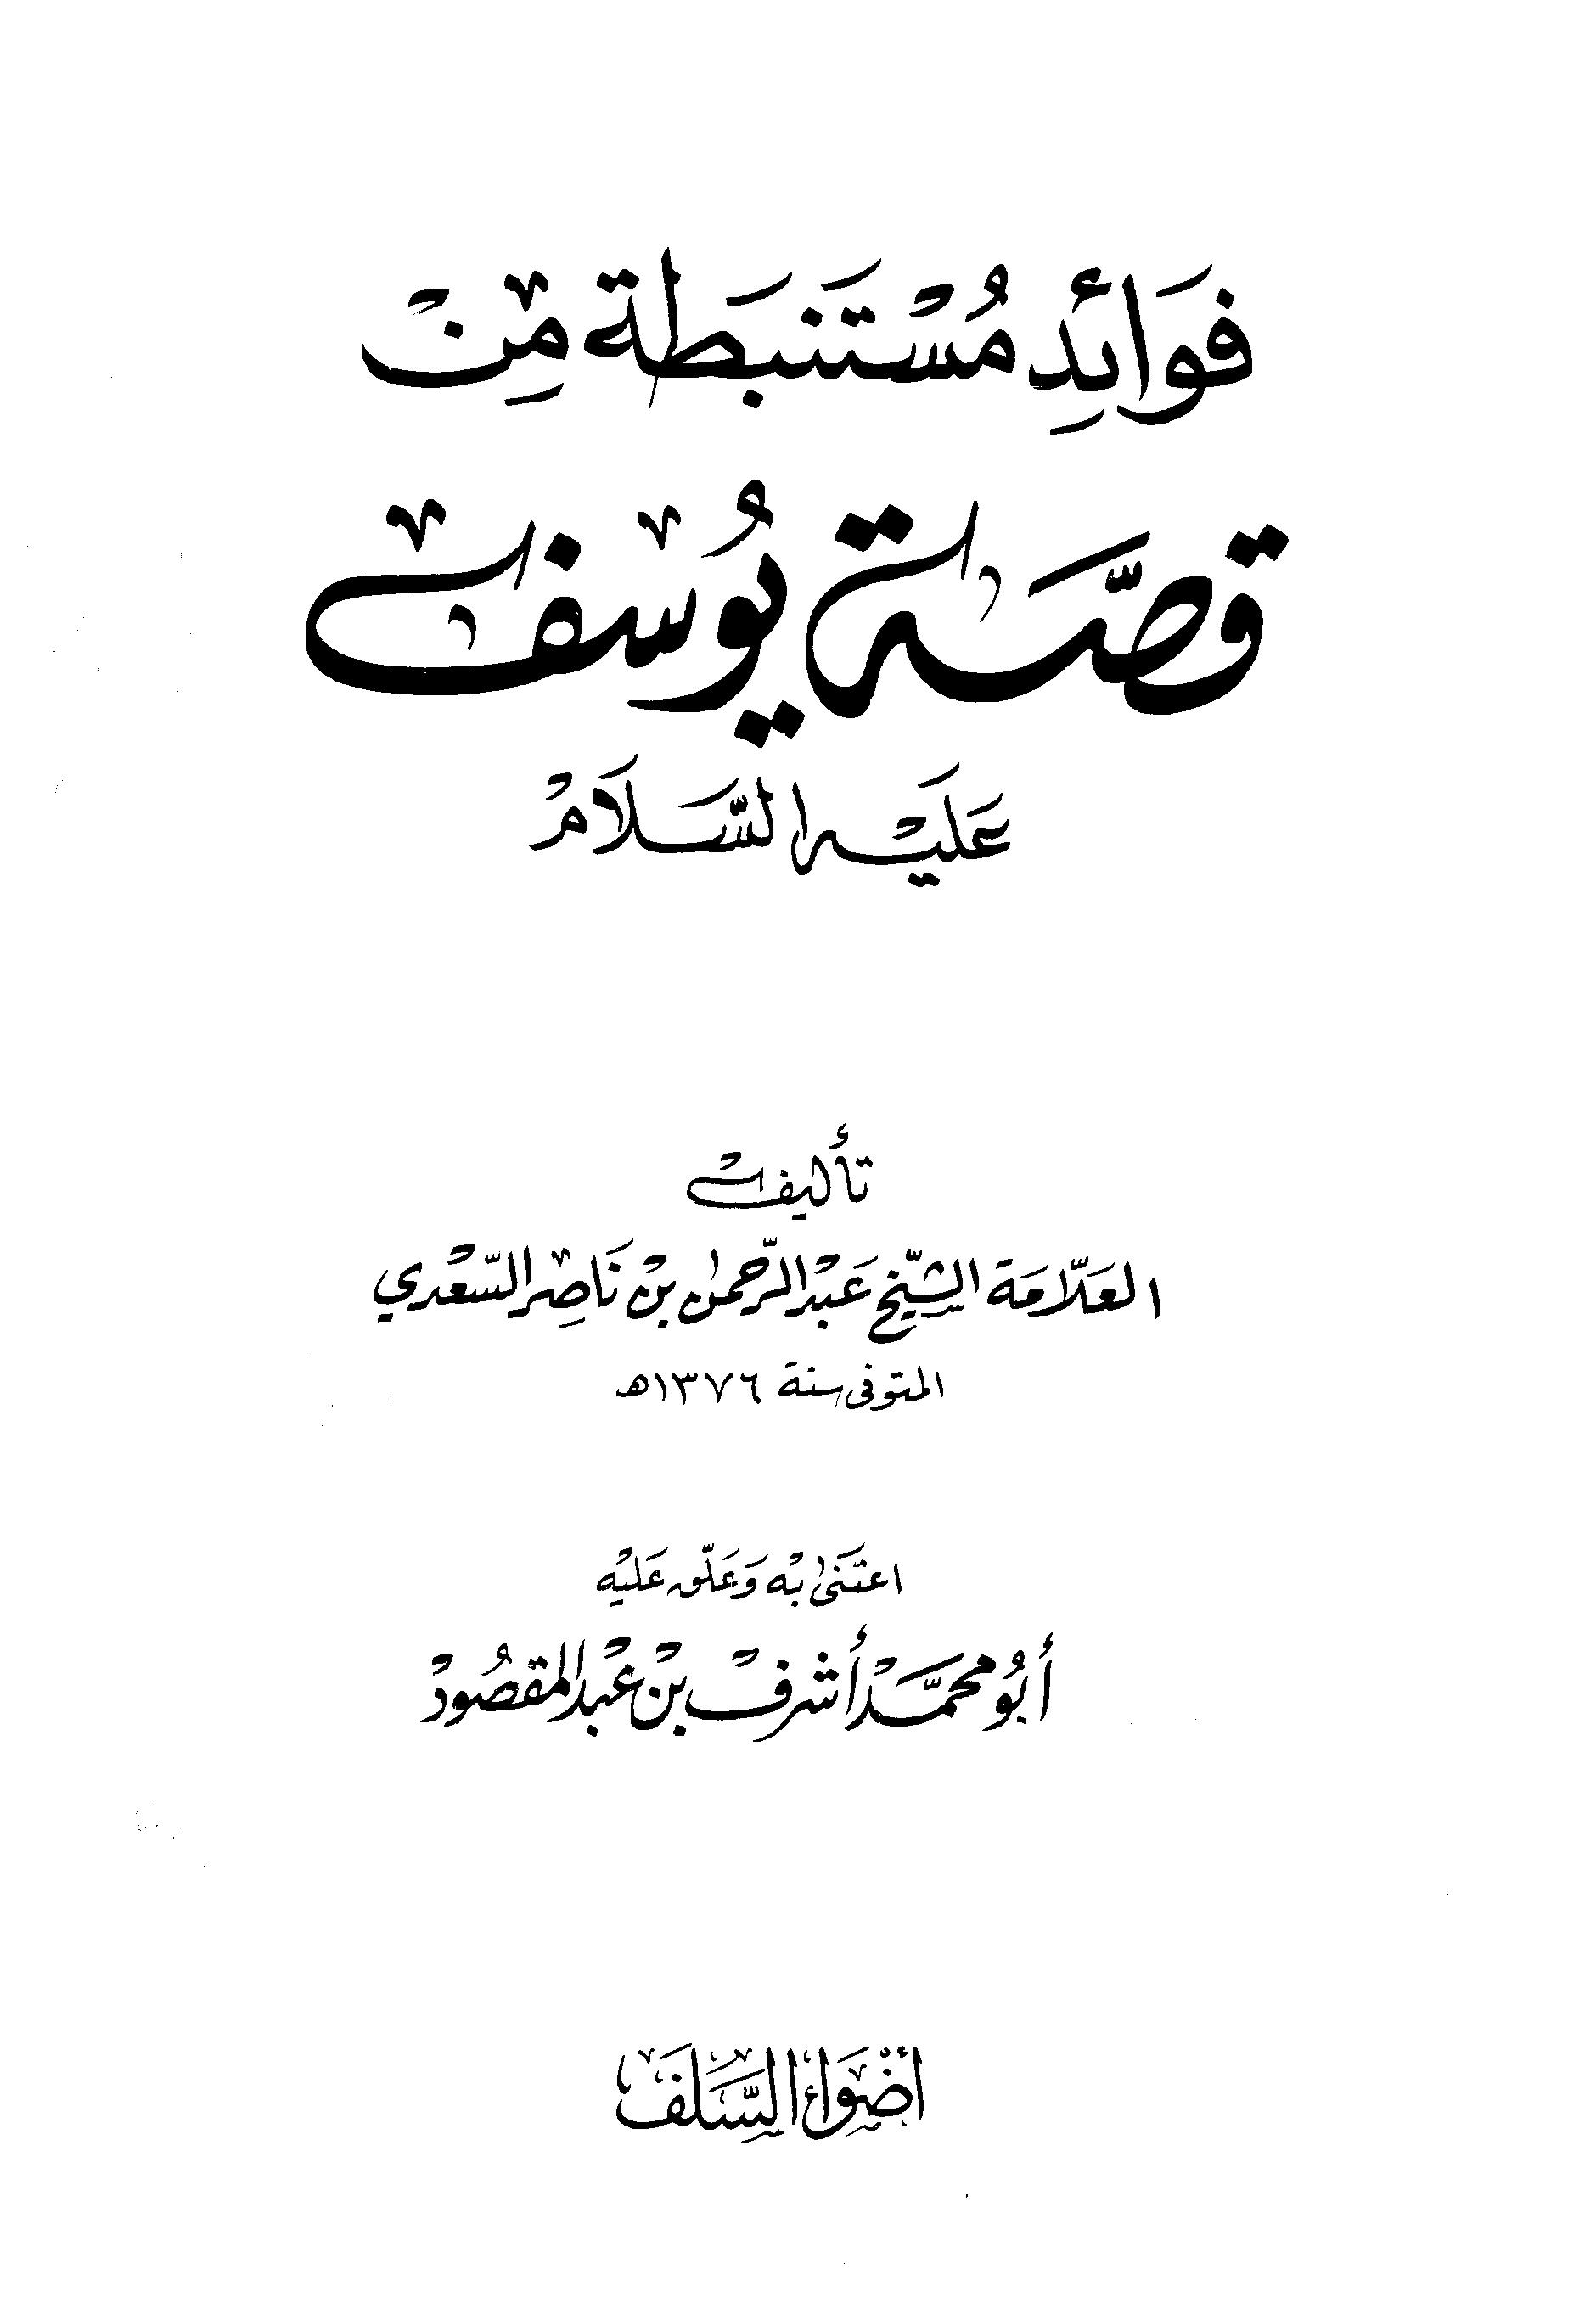 تحميل كتاب فوائد مستنبطة من قصة يوسف عليه السلام لـِ: العلامة عبد الرحمن بن ناصر السعدي